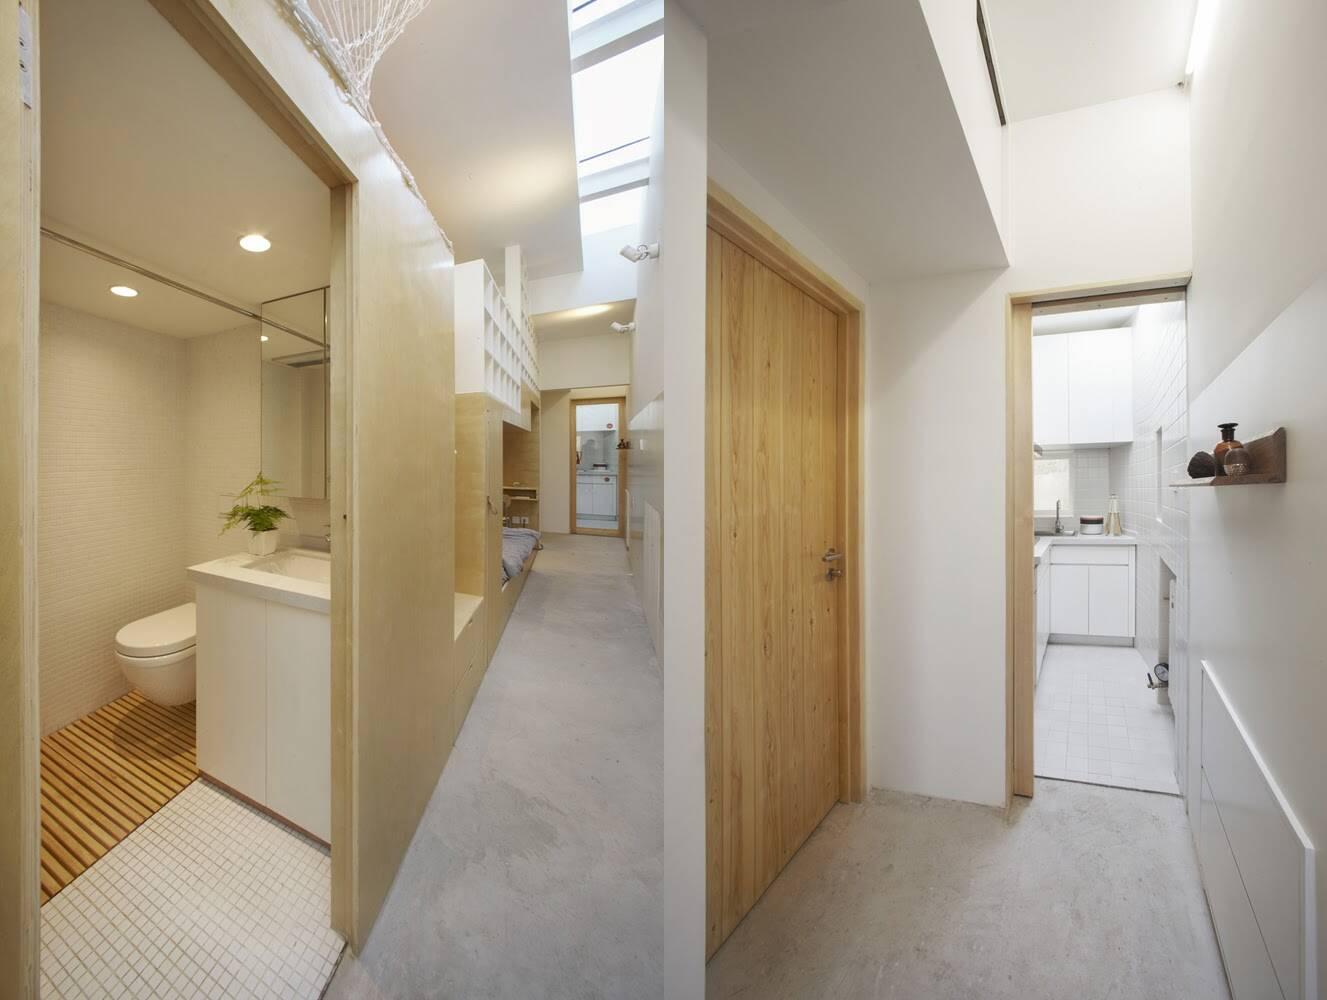 Bếp và phòng vệ sinh nhỏ nhưng vẫn đảm bảo sự tiện nghi